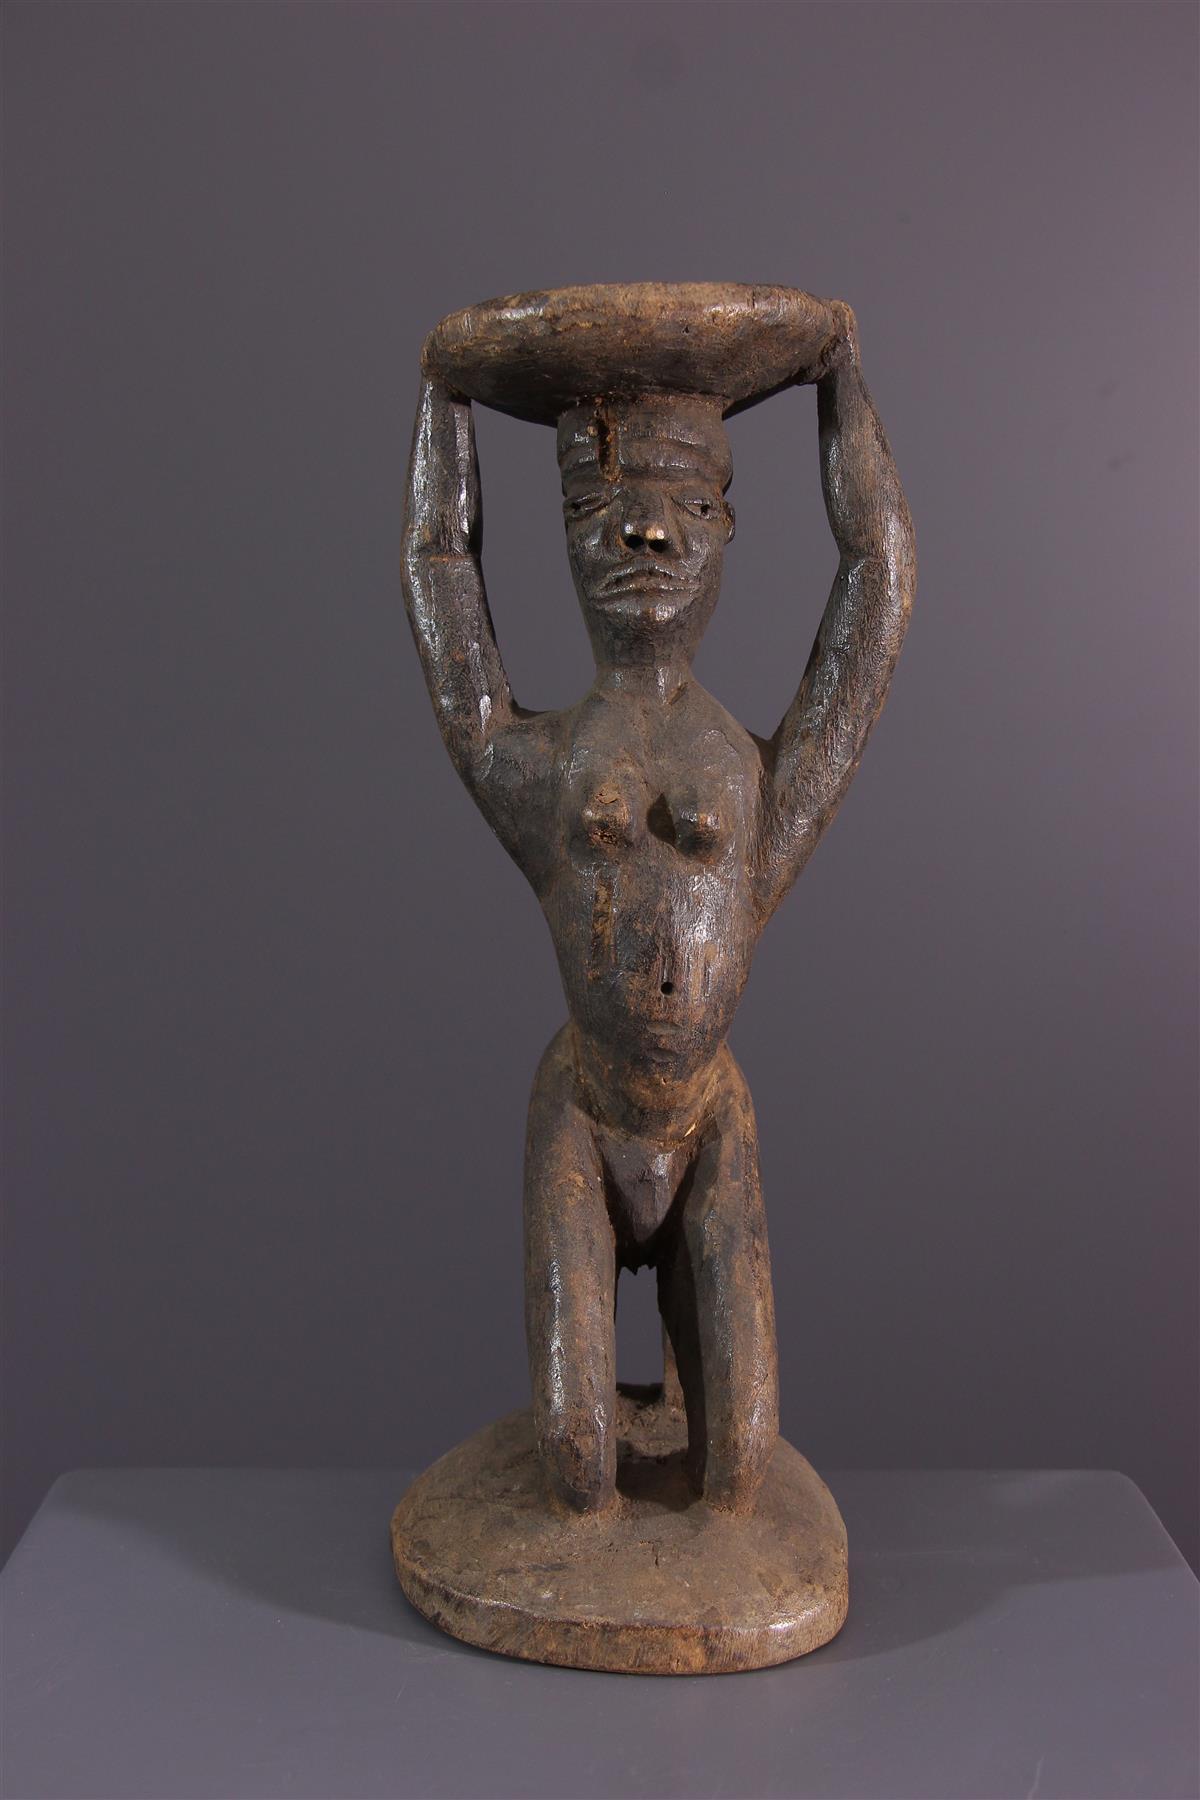 Tabouret Pende - African art